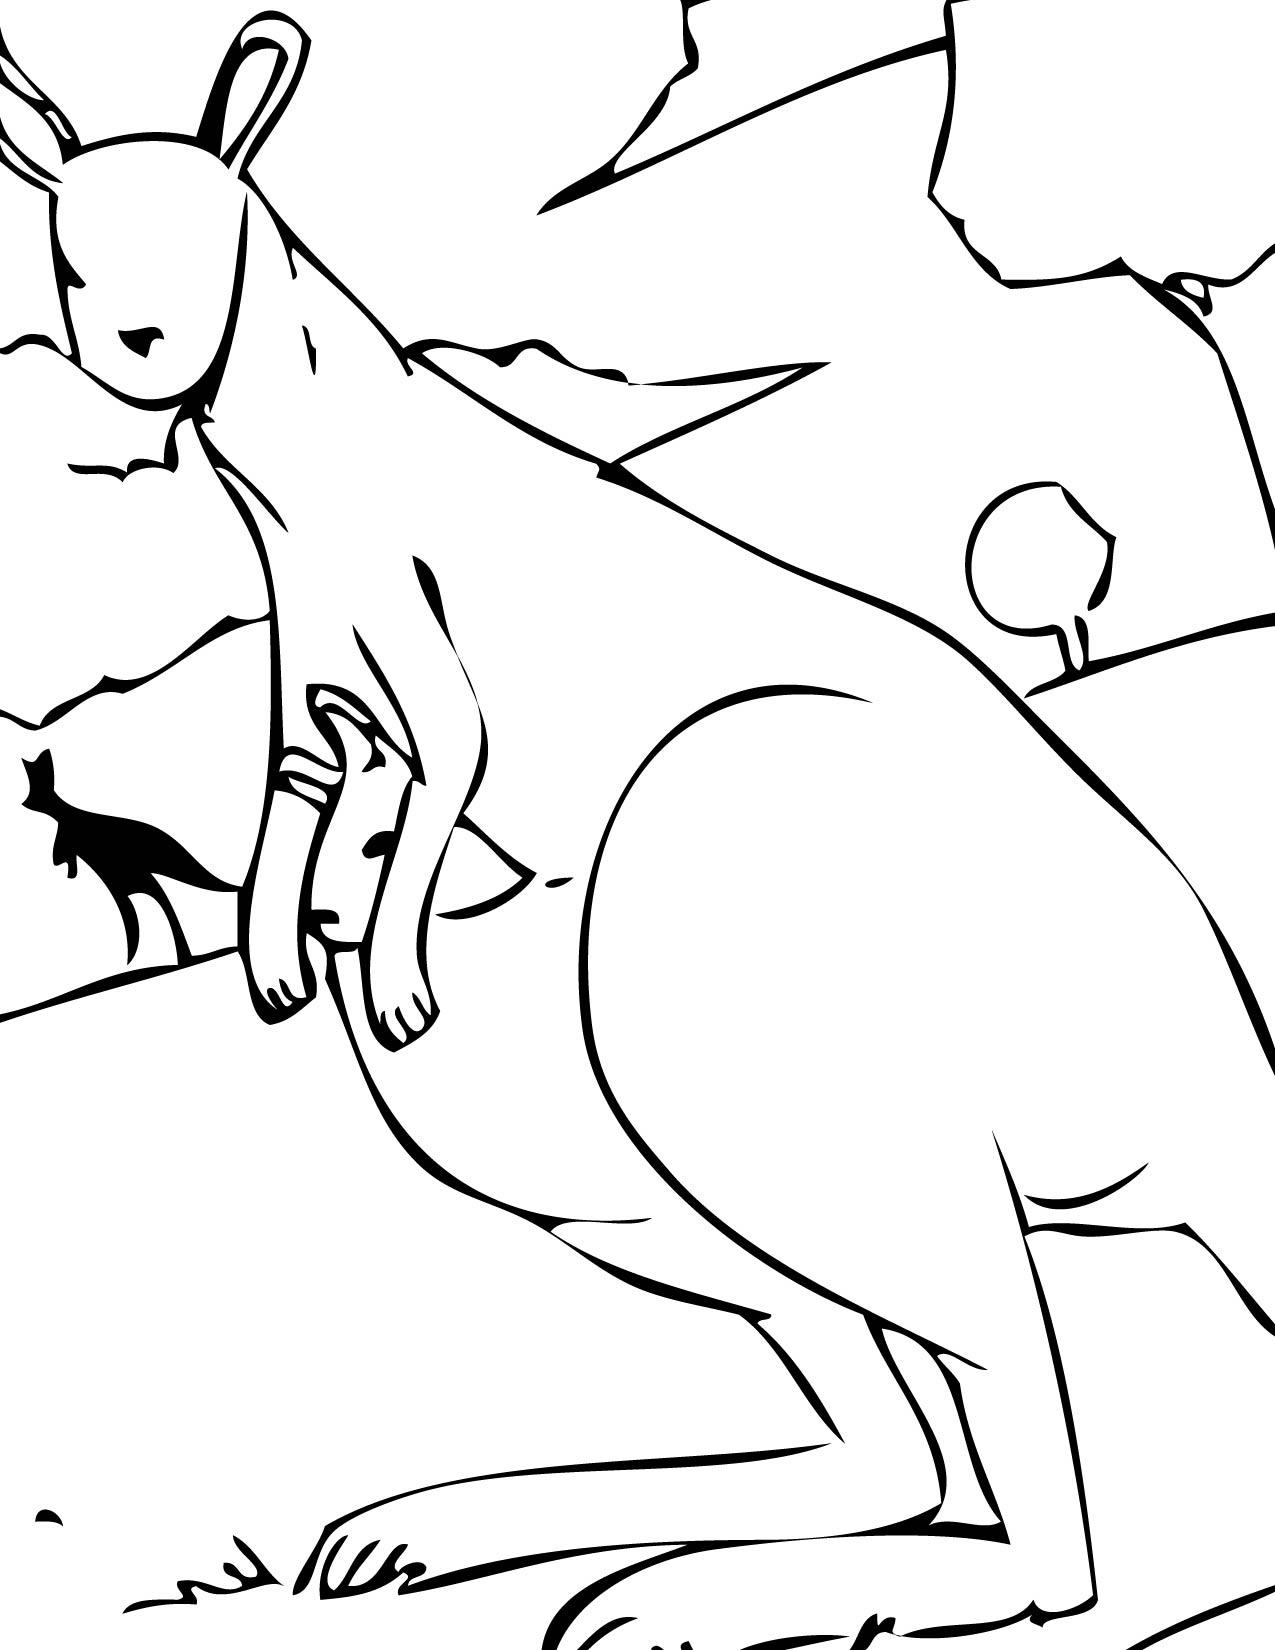 Free coloring pages kangaroo - Kangaroo